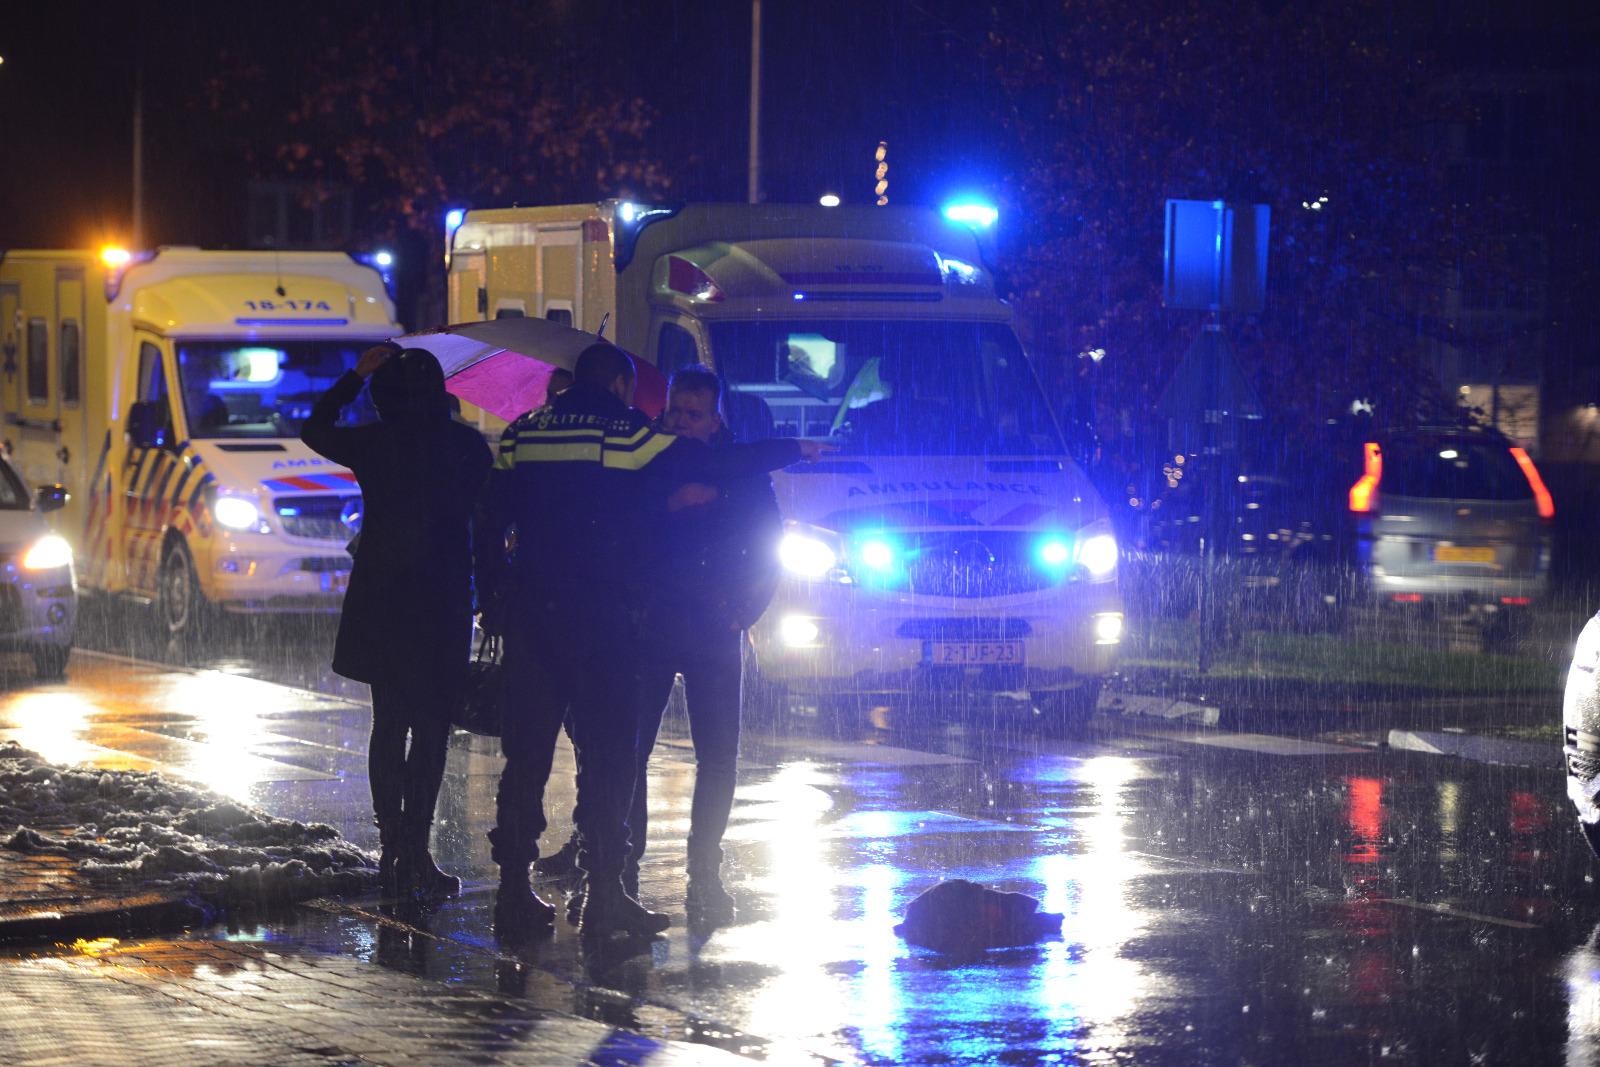 Voetganger zwaargewond na twee keer te zijn overreden Laan van Welhorst Hendrik-Ido-Ambacht